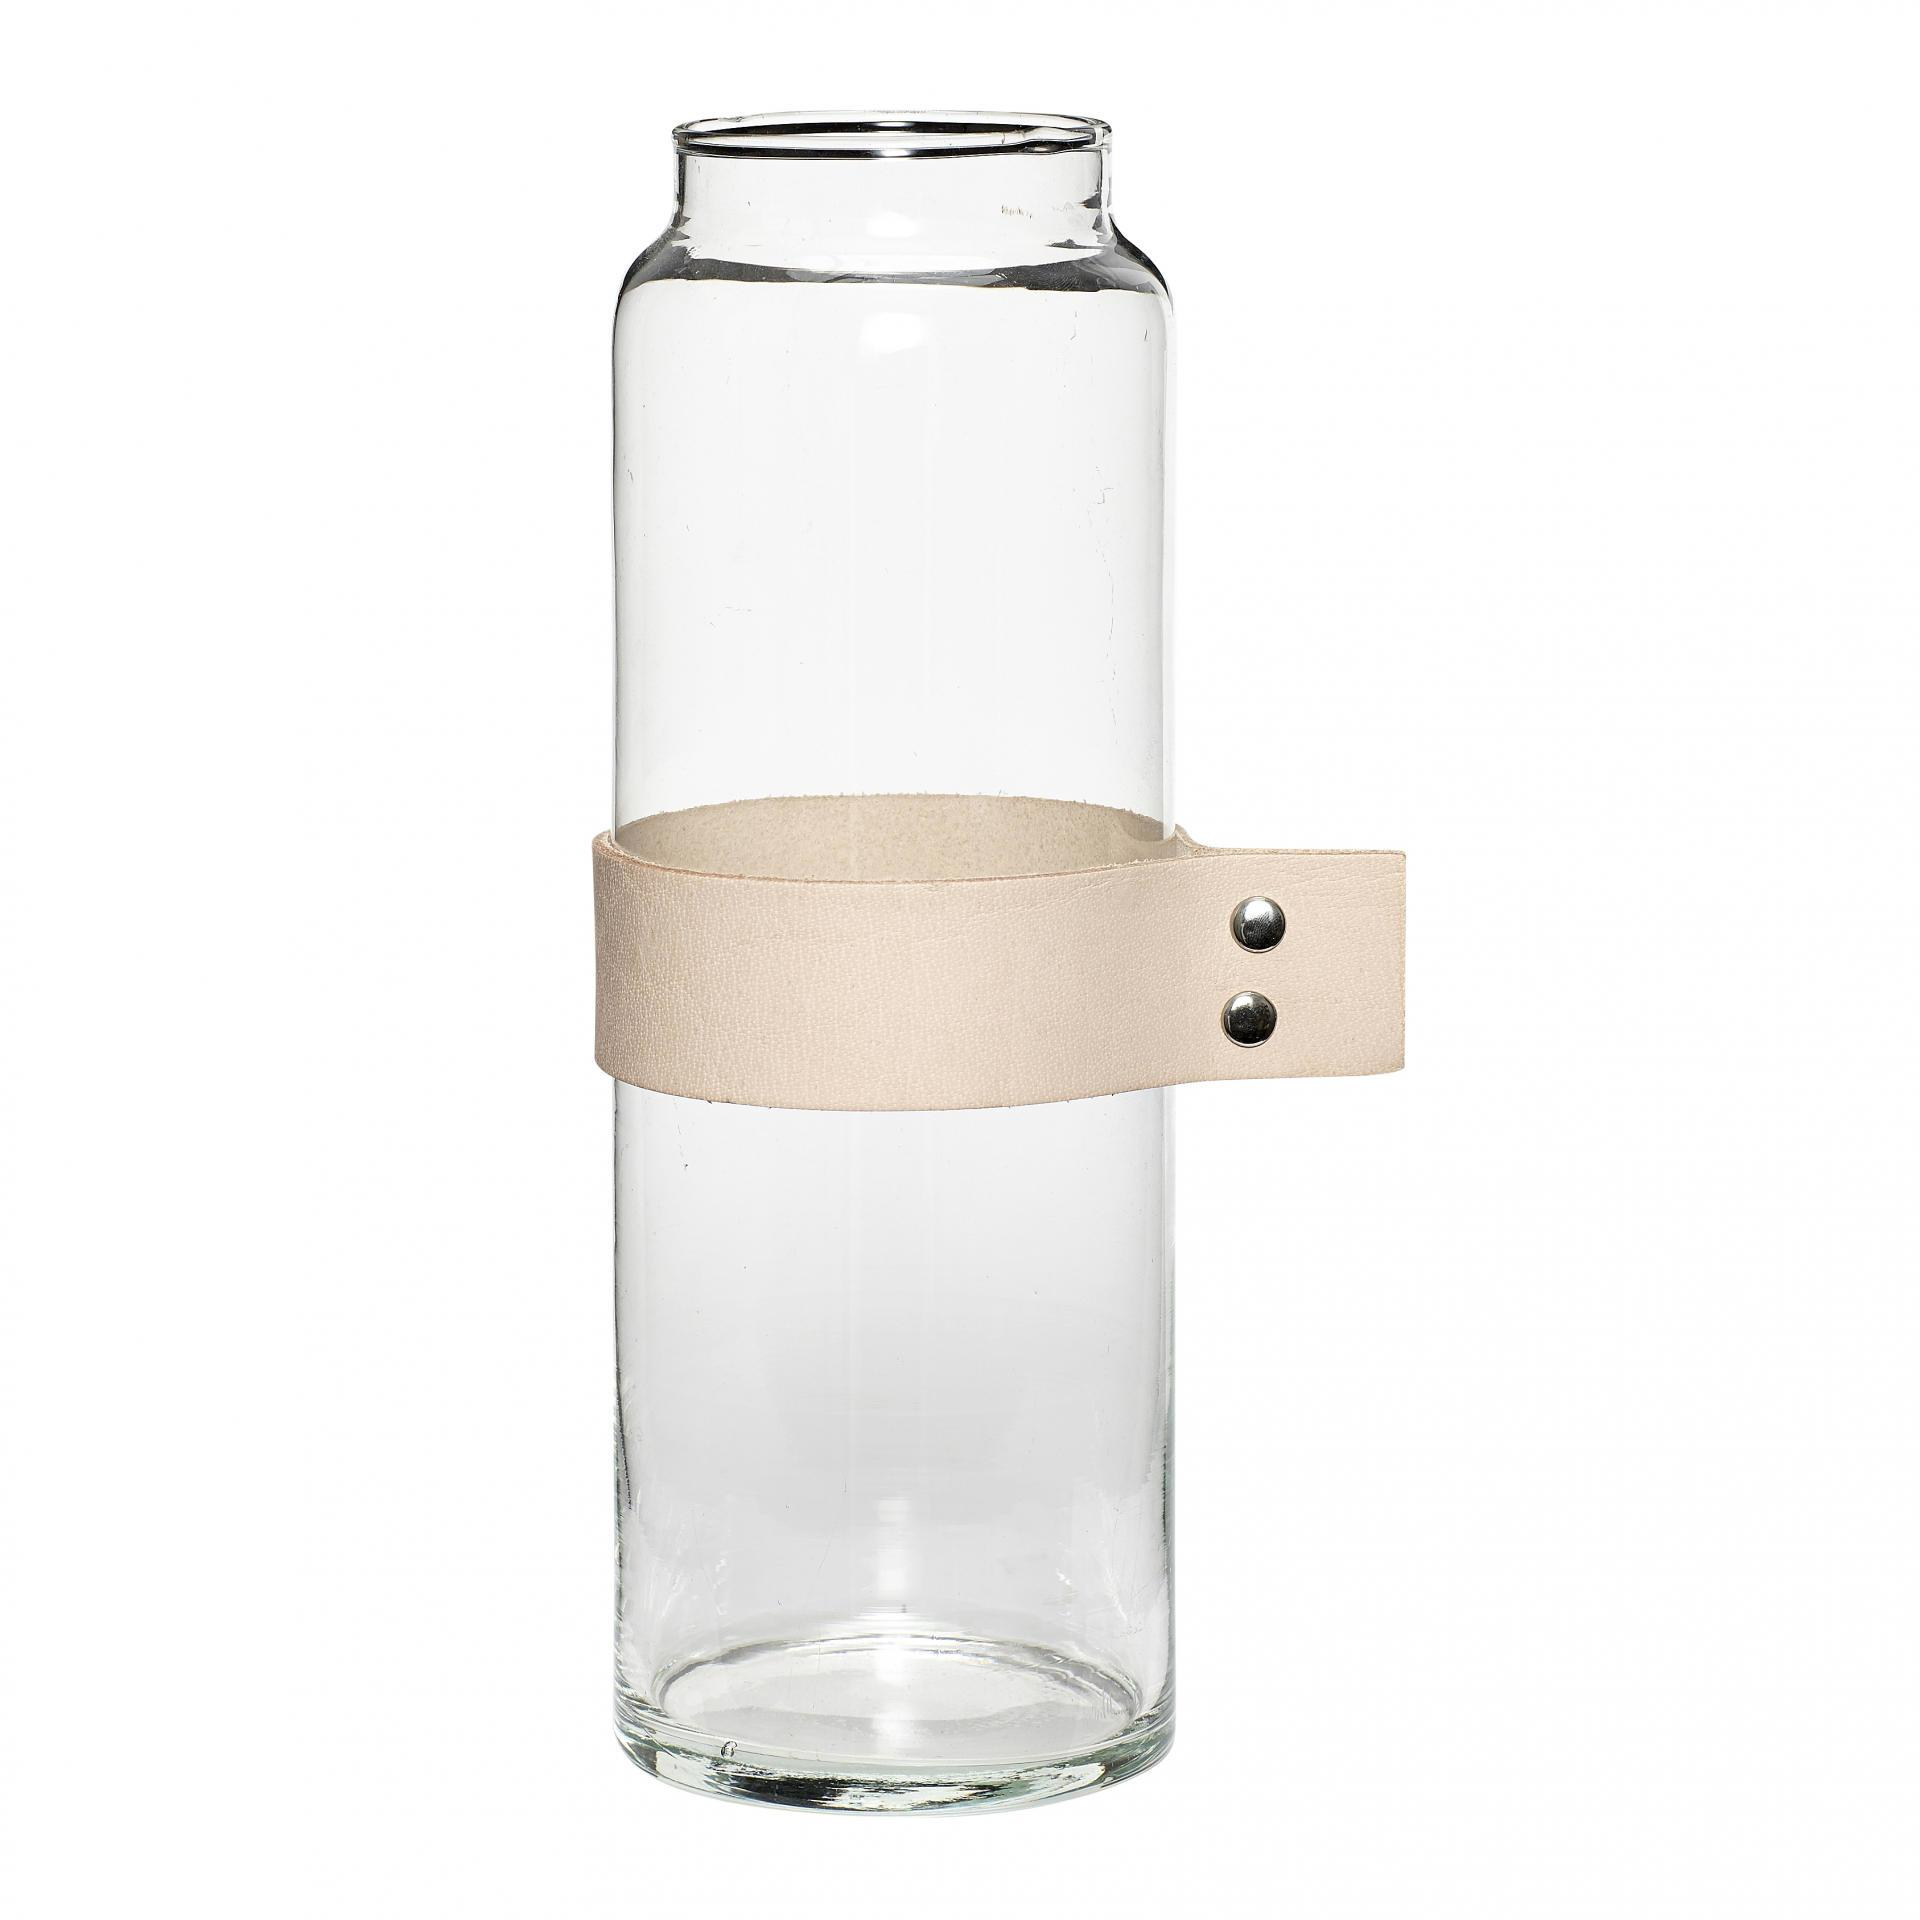 Hübsch Skleněná váza s koženou rukojetí Ribbon, béžová barva, čirá barva, sklo, kůže